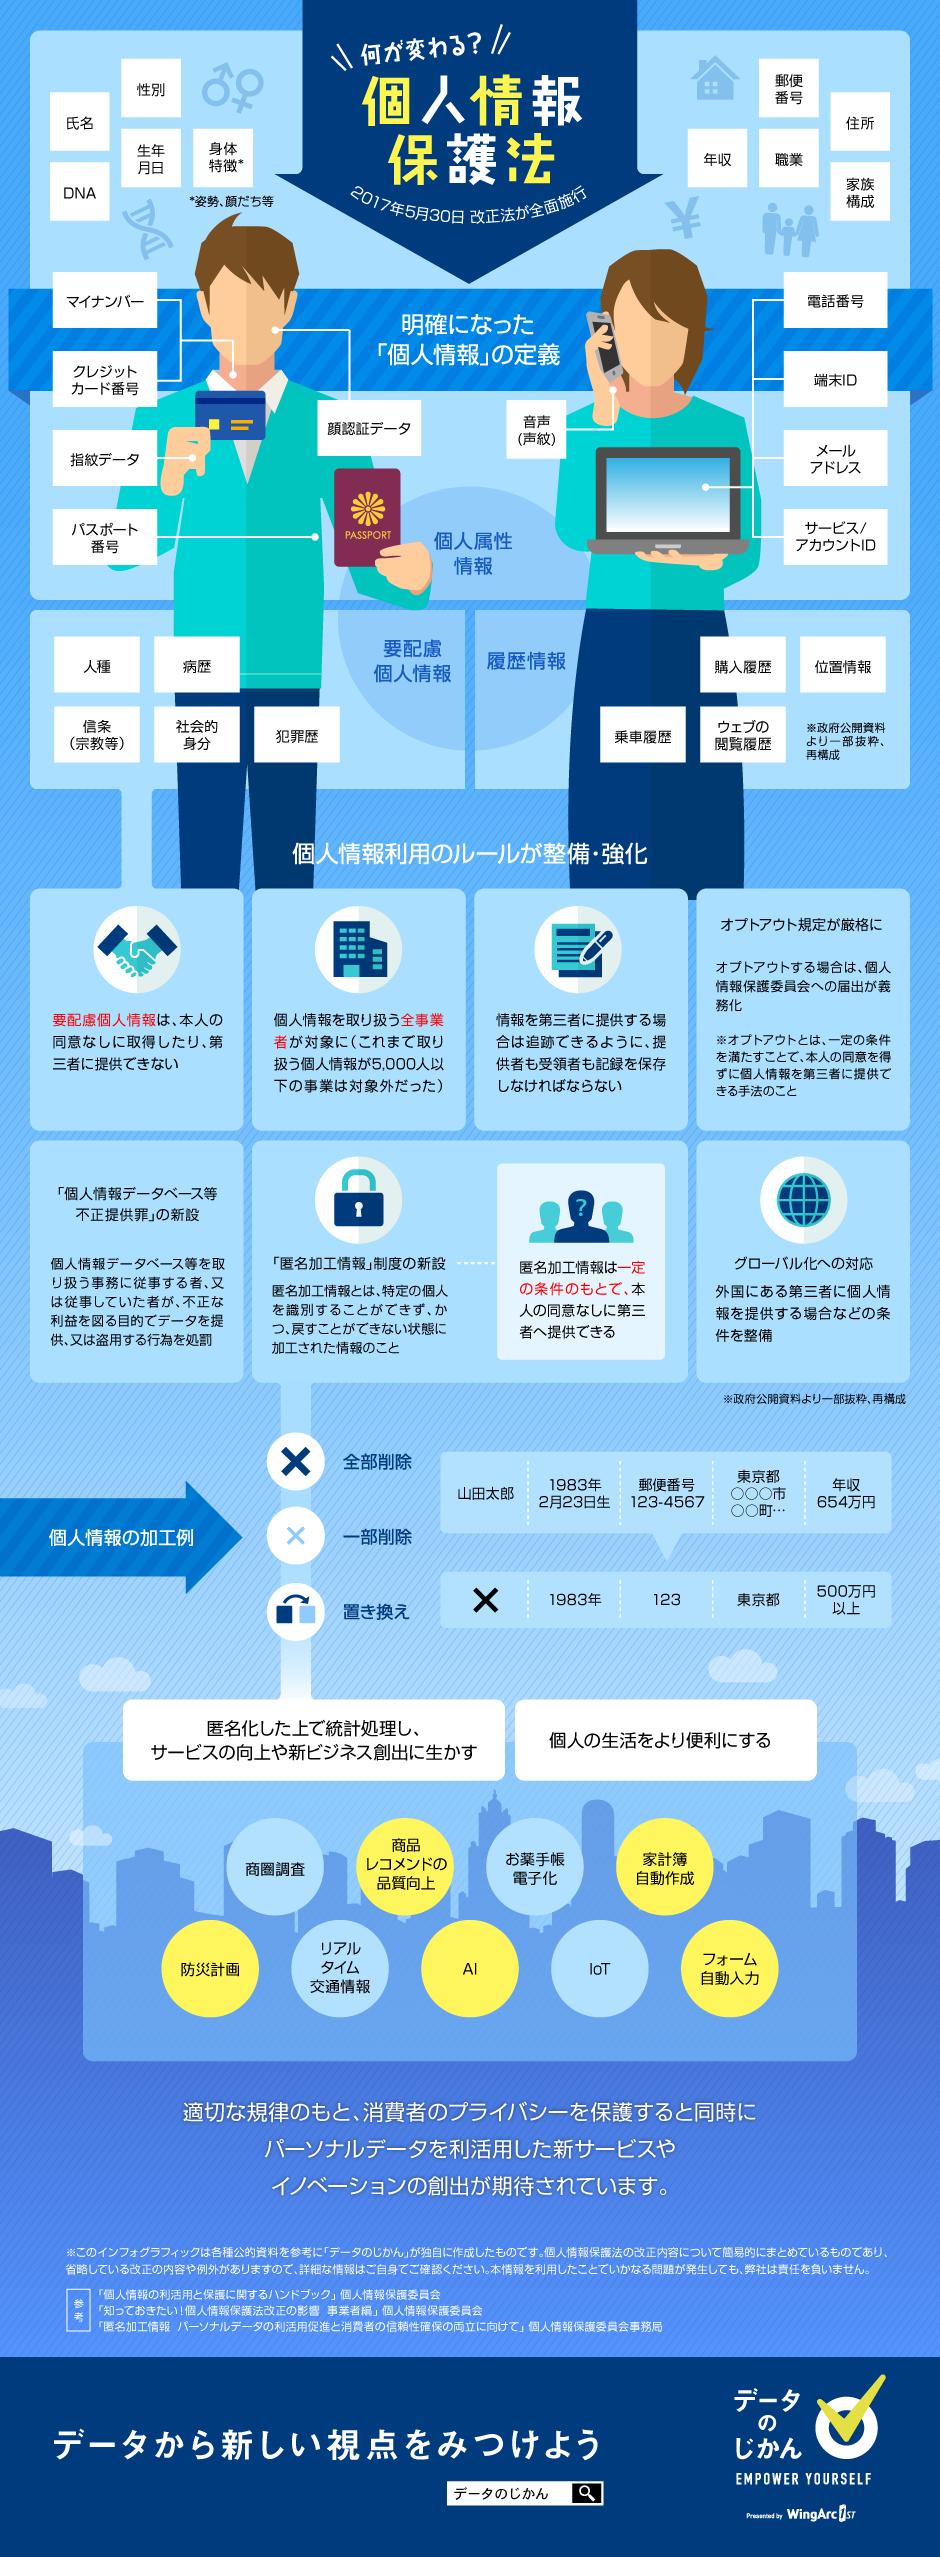 何が変わる? 改正個人情報保護法